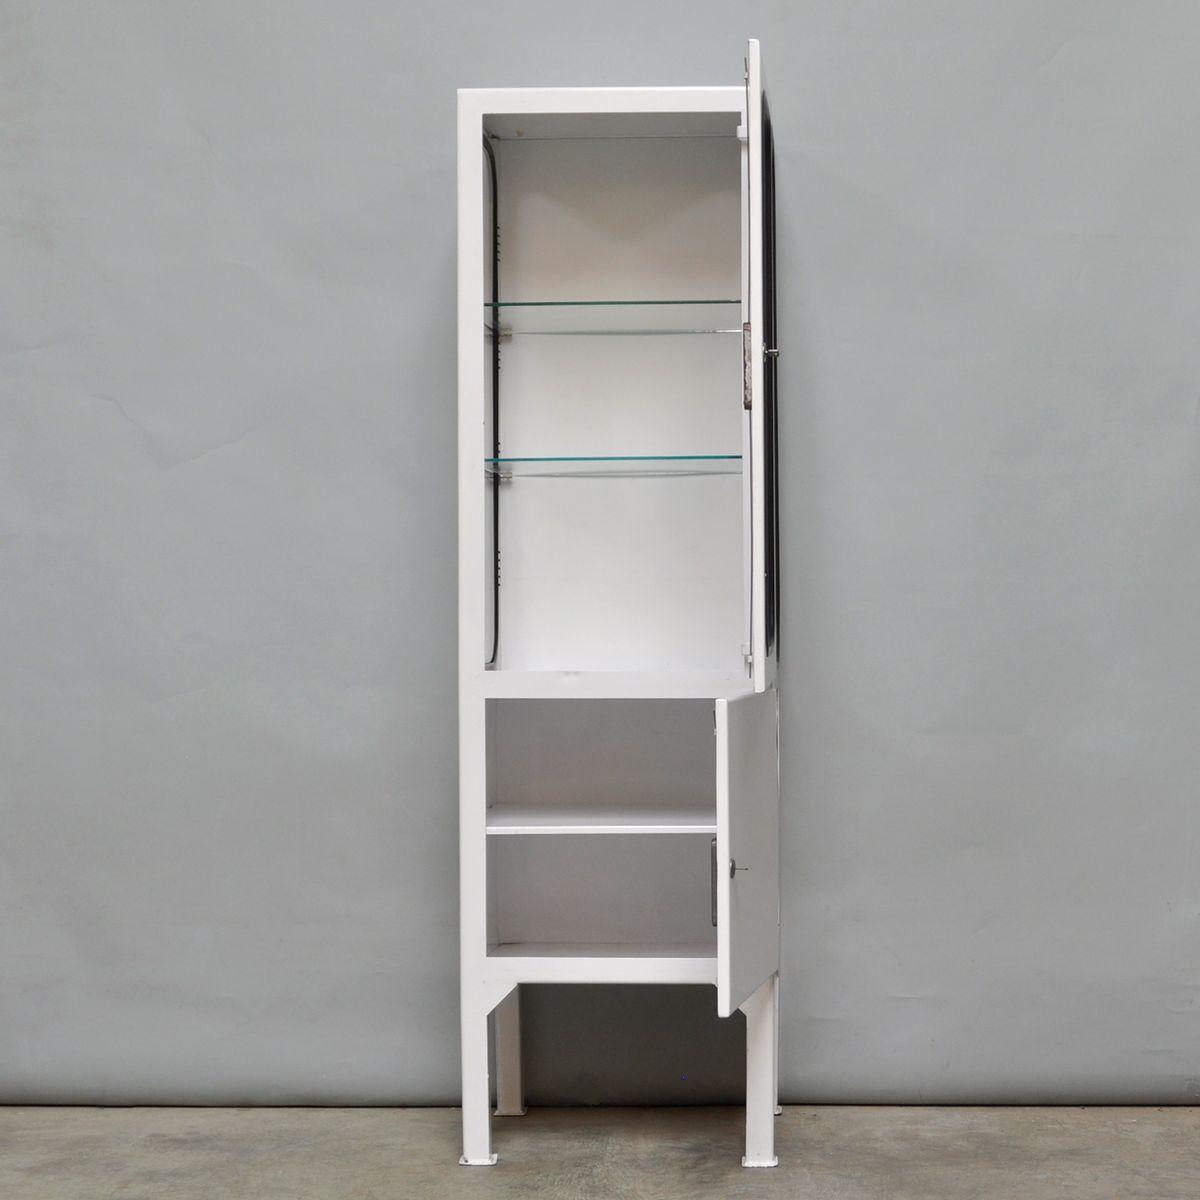 vintage medicine cabinet with two glass shelves 1975 for. Black Bedroom Furniture Sets. Home Design Ideas